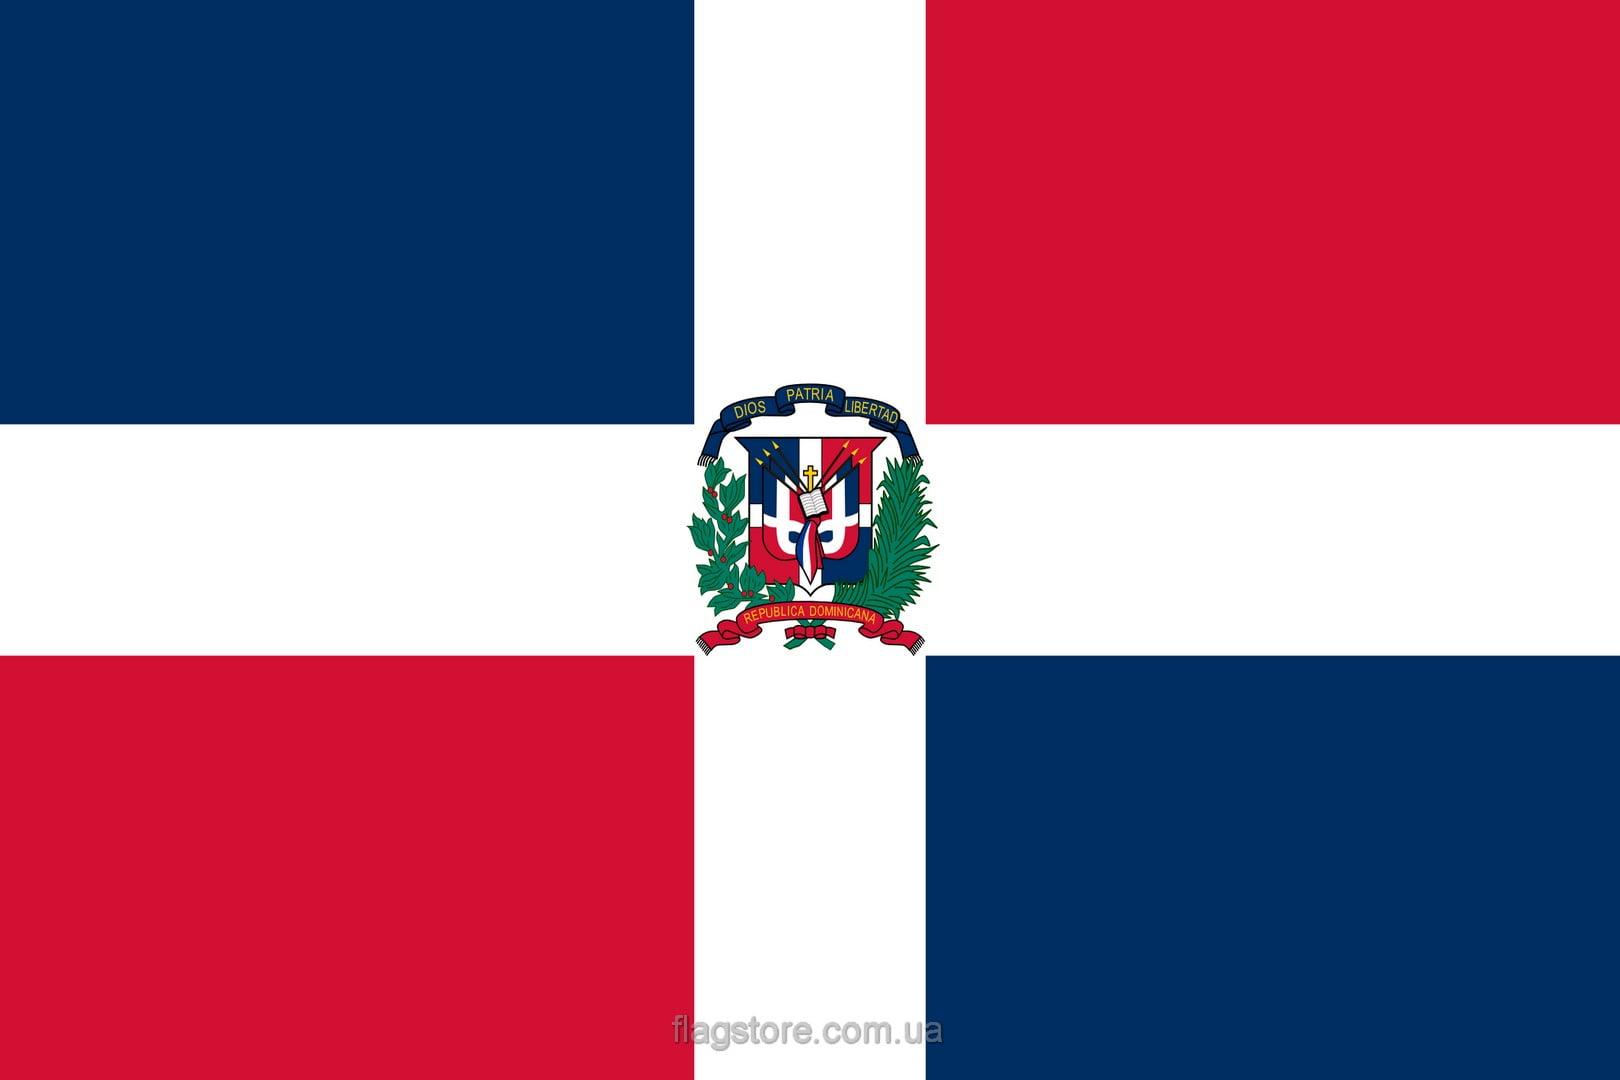 Купить флаг Доминиканской республики (страны Доминиканская республика)